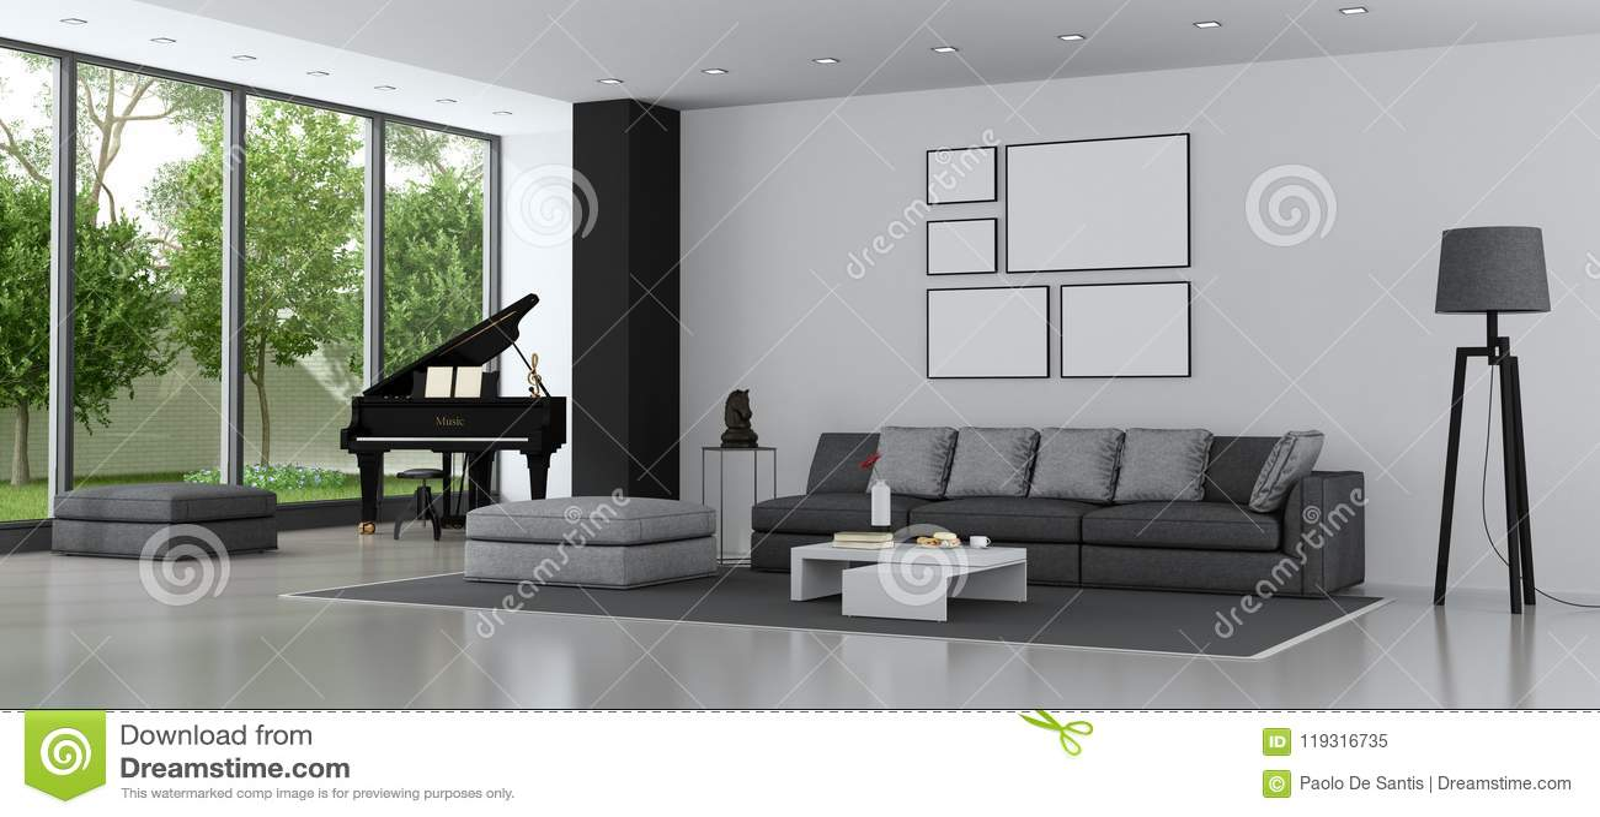 Download Modernes Wohnzimmer Mit Sofa Und Flügel Stock Abbildung    Illustration Von Lampe, Nachricht: